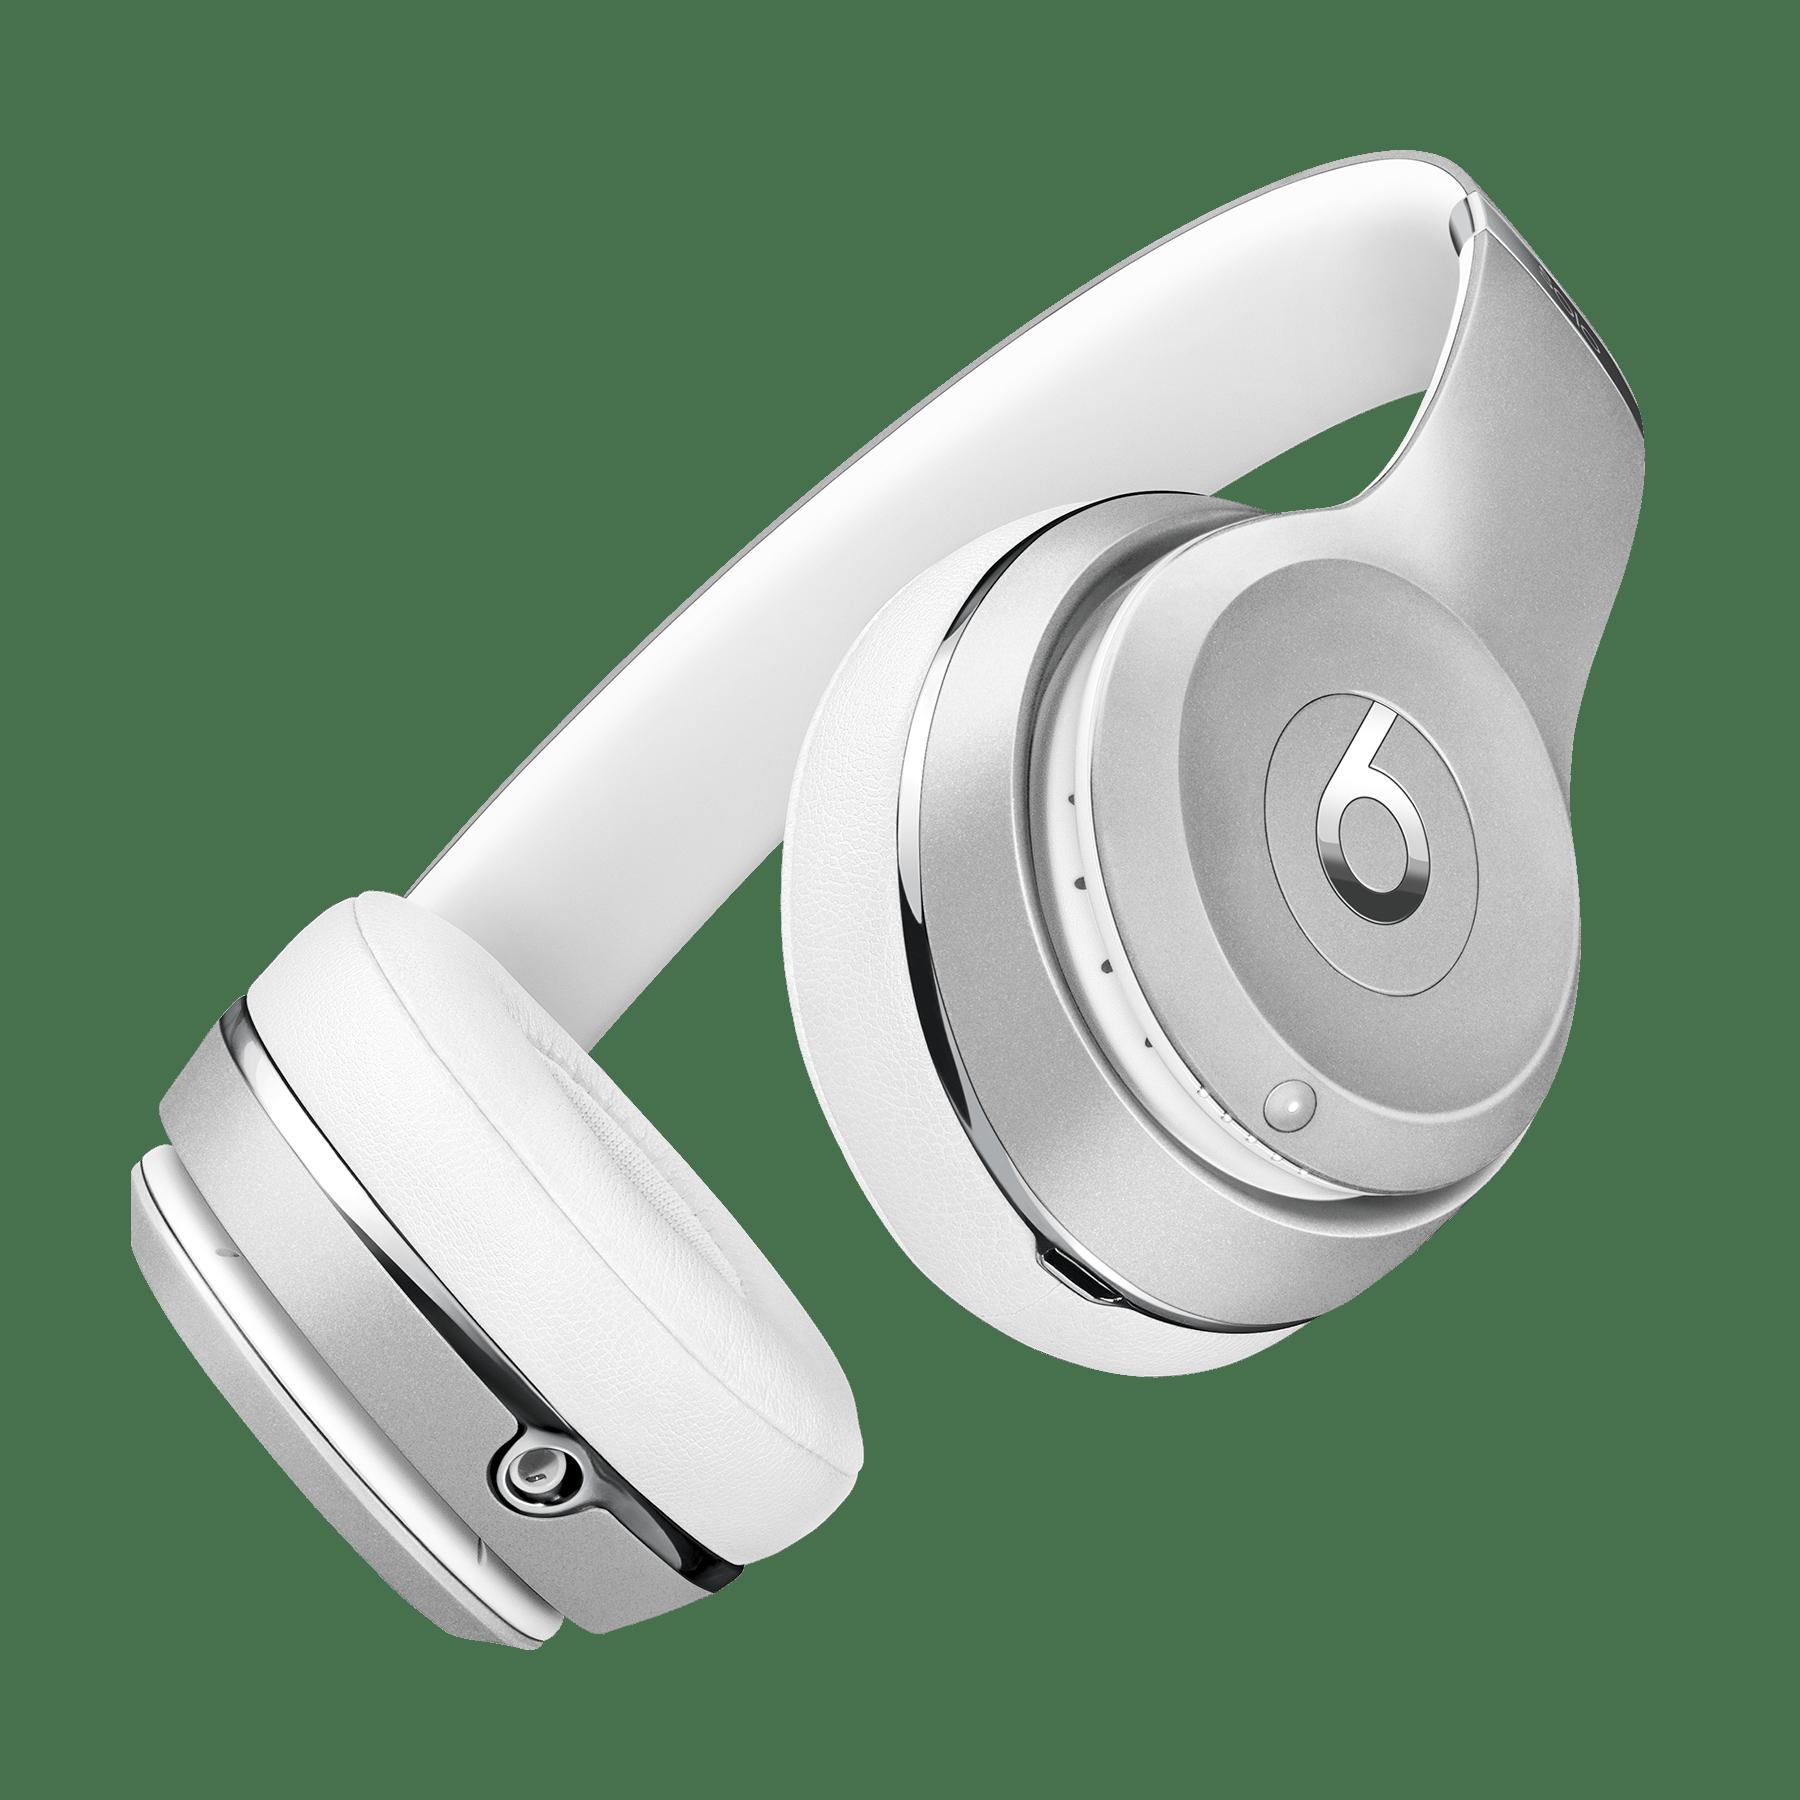 Beats Solo3 Wireless Headphones Beats By Dre Beats Headphones Wireless Wireless Headphones Headphones